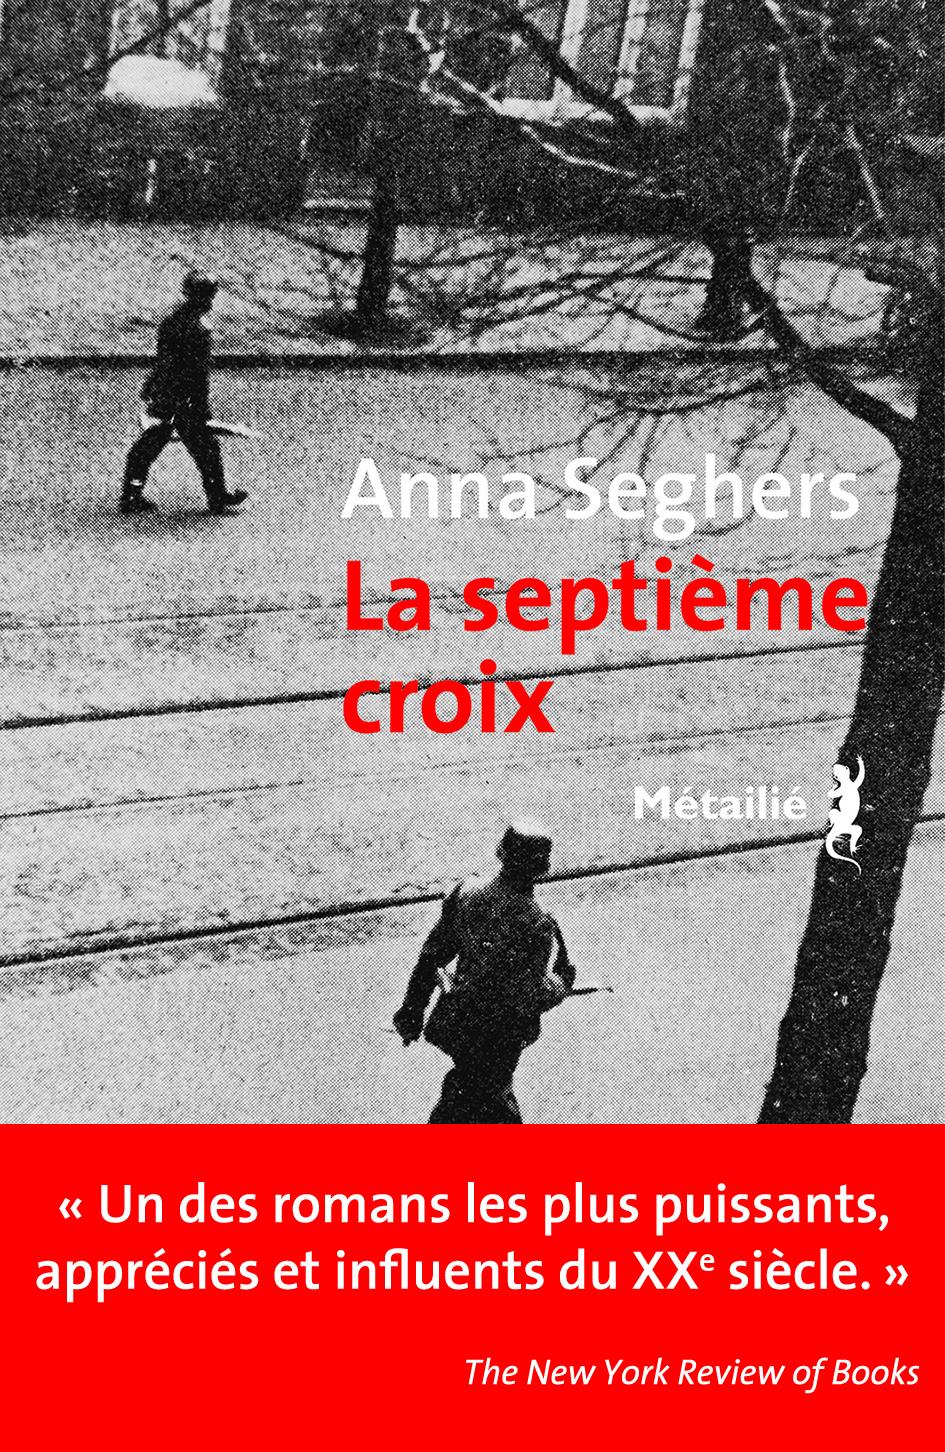 A. Seghers, La Septième croix (nouvelle trad.)